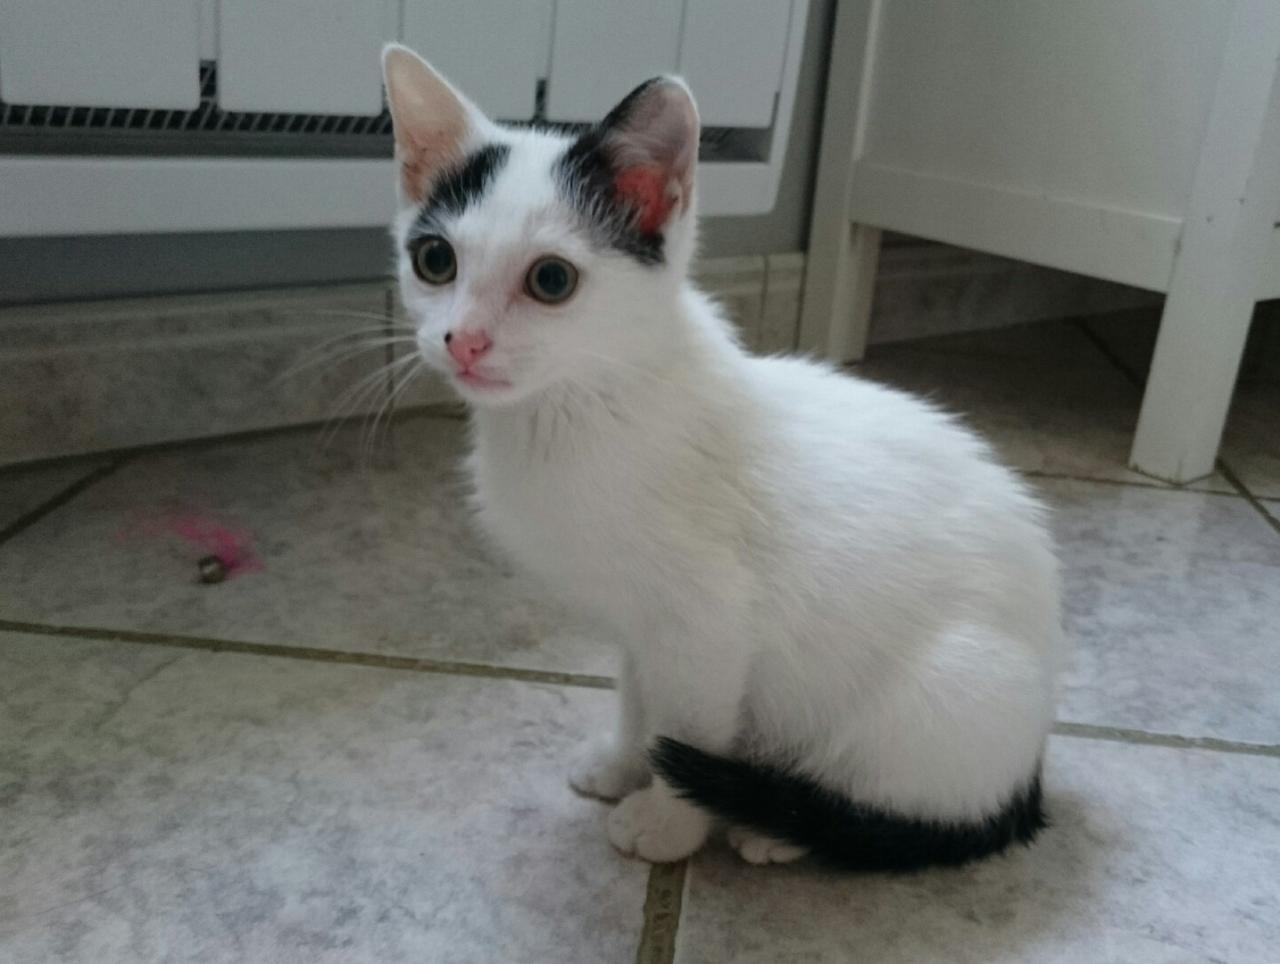 KASIMIR - M - Né le 05/05/2015 - Adopté en octobre 2015